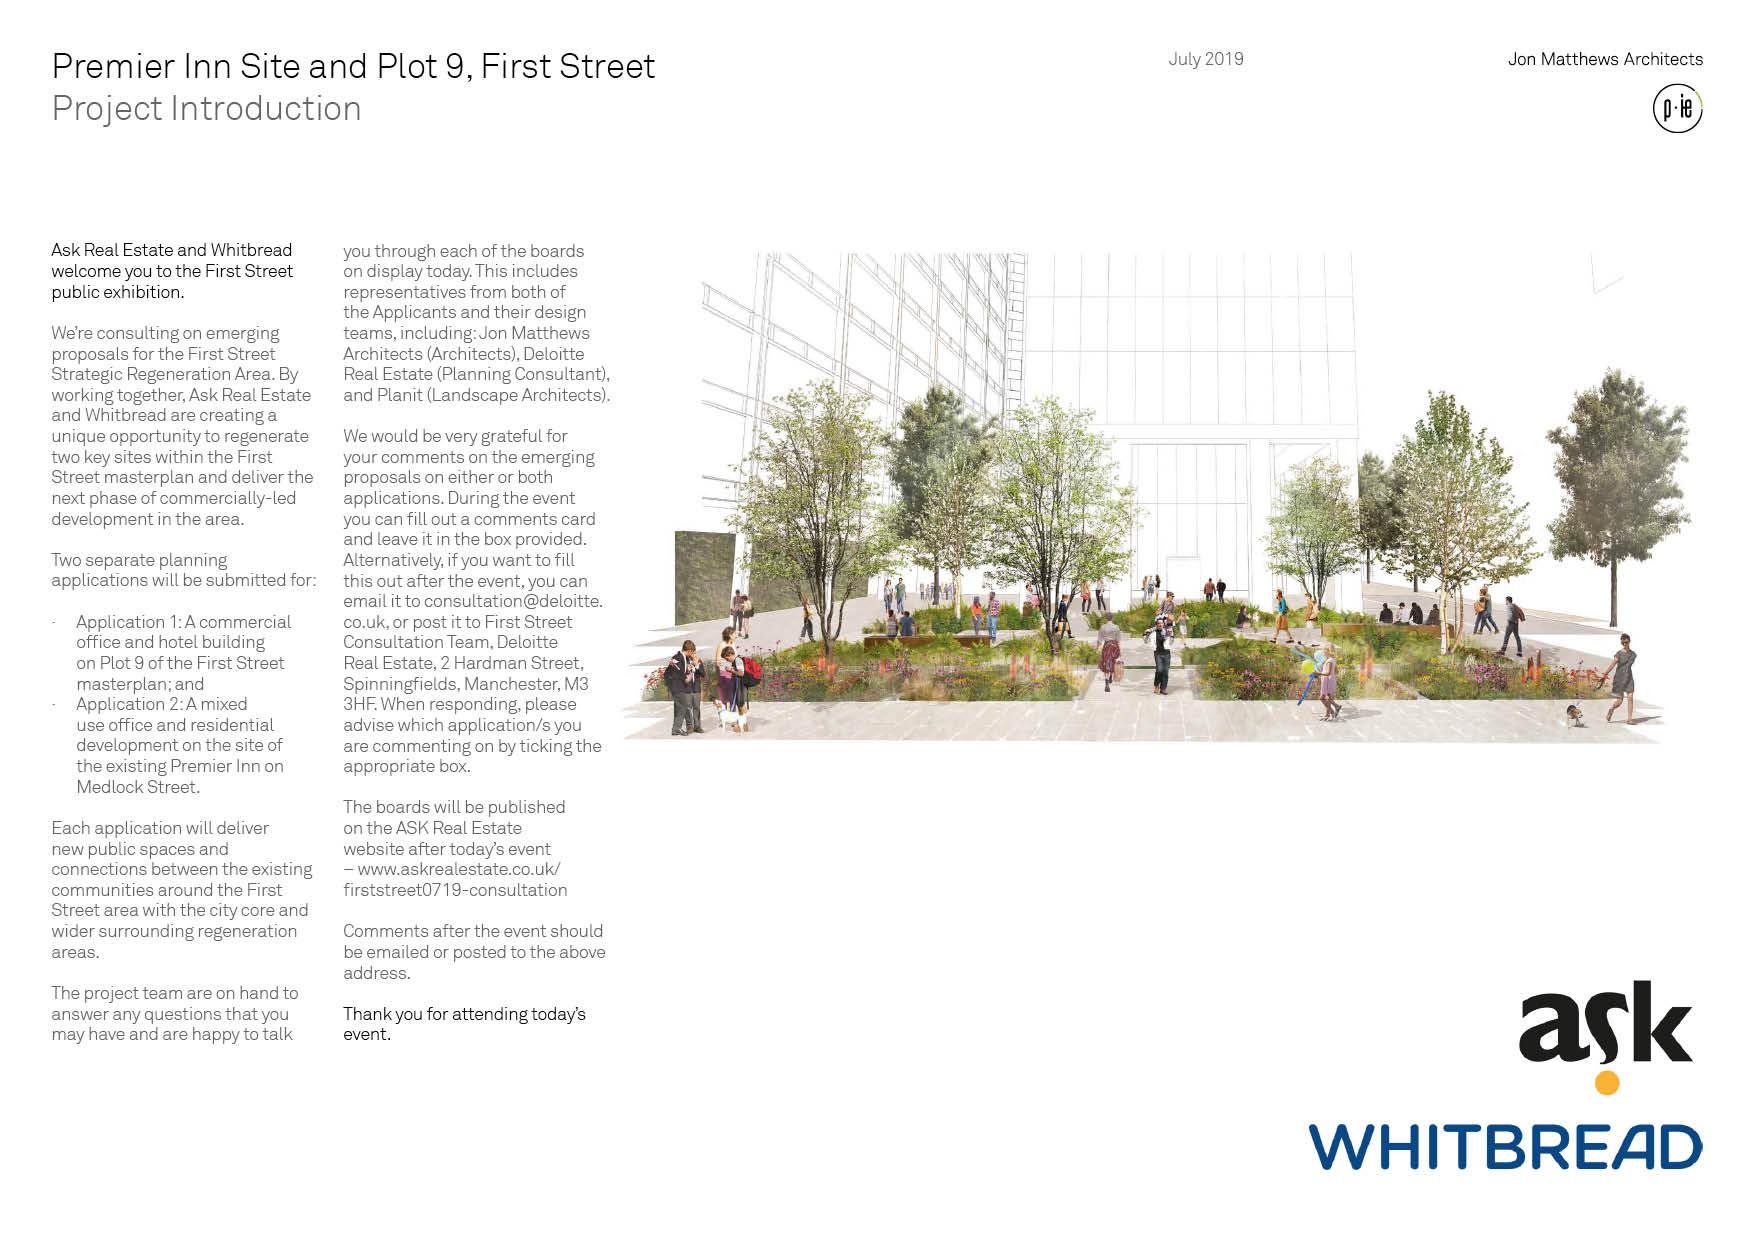 first_street_premier_inn_plot_9_.jpg